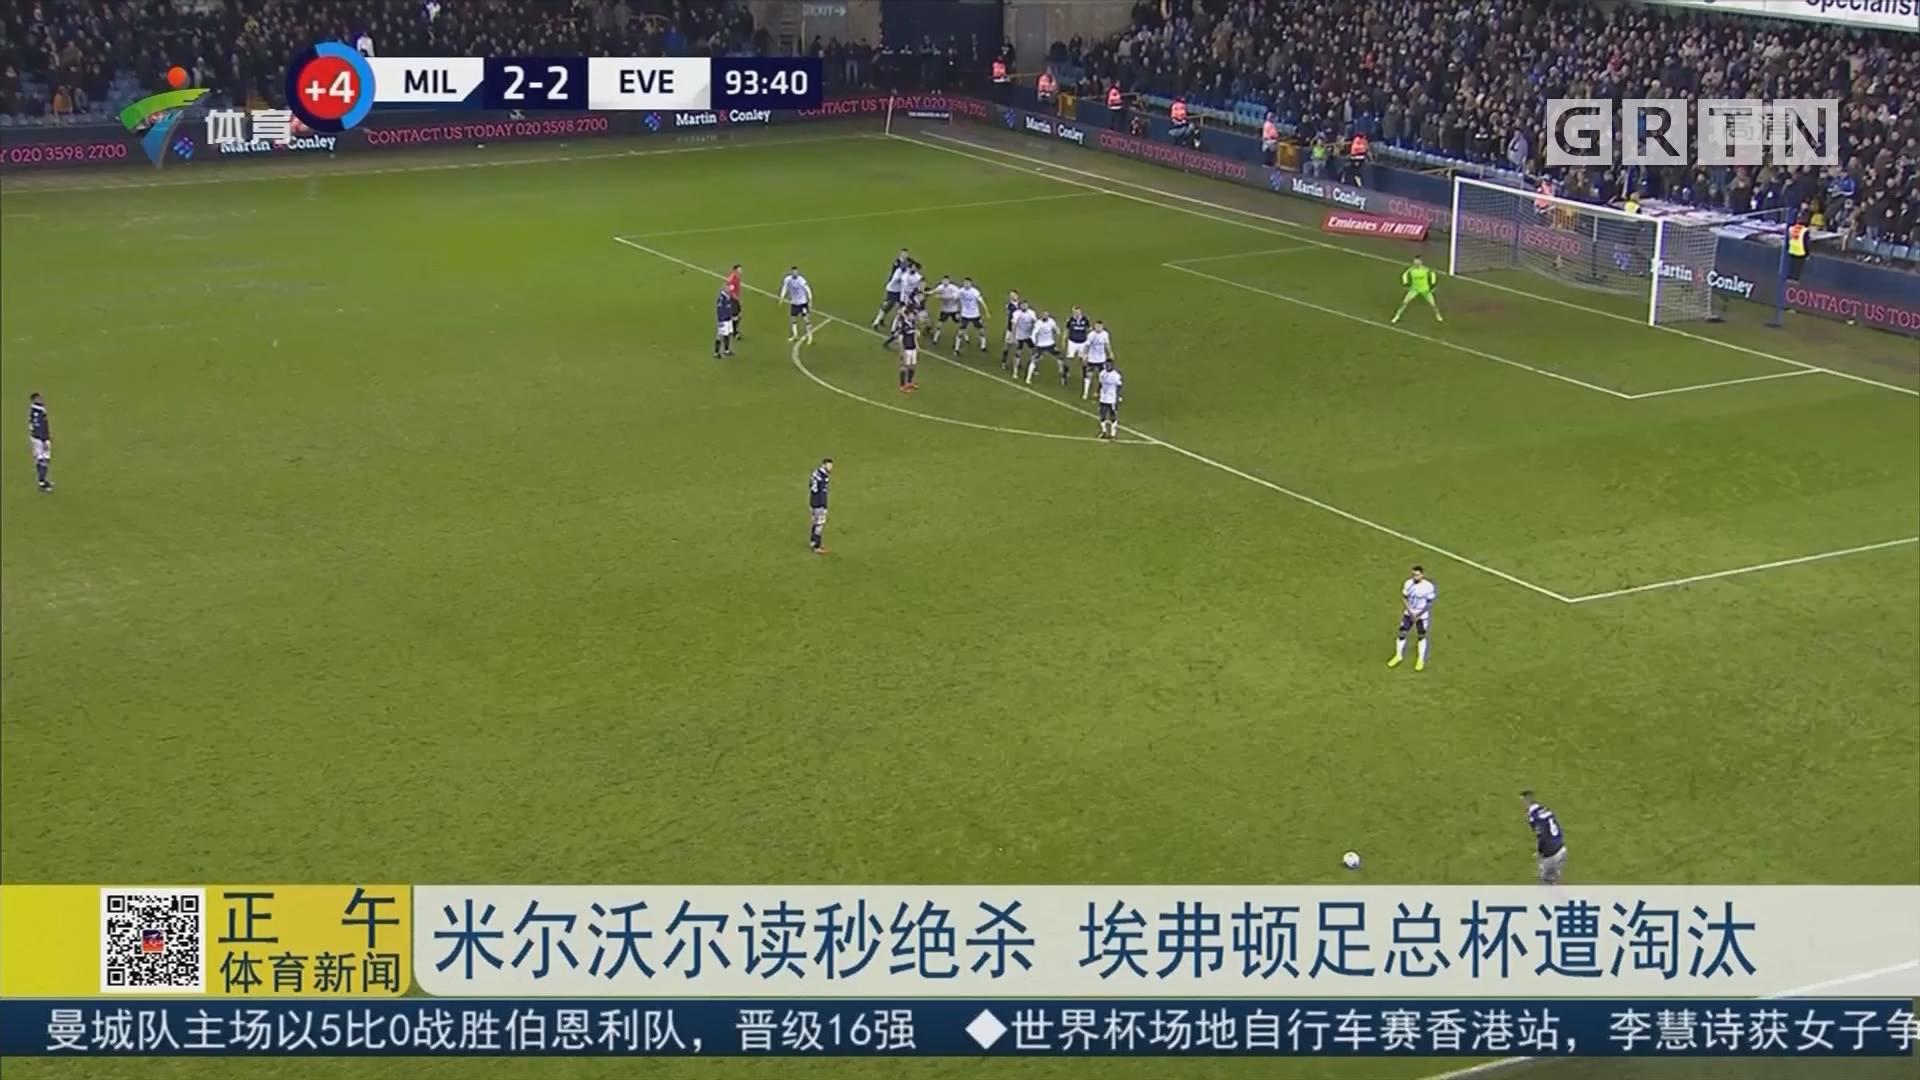 米尔沃尔读秒绝杀 埃弗顿足总杯遭淘汰